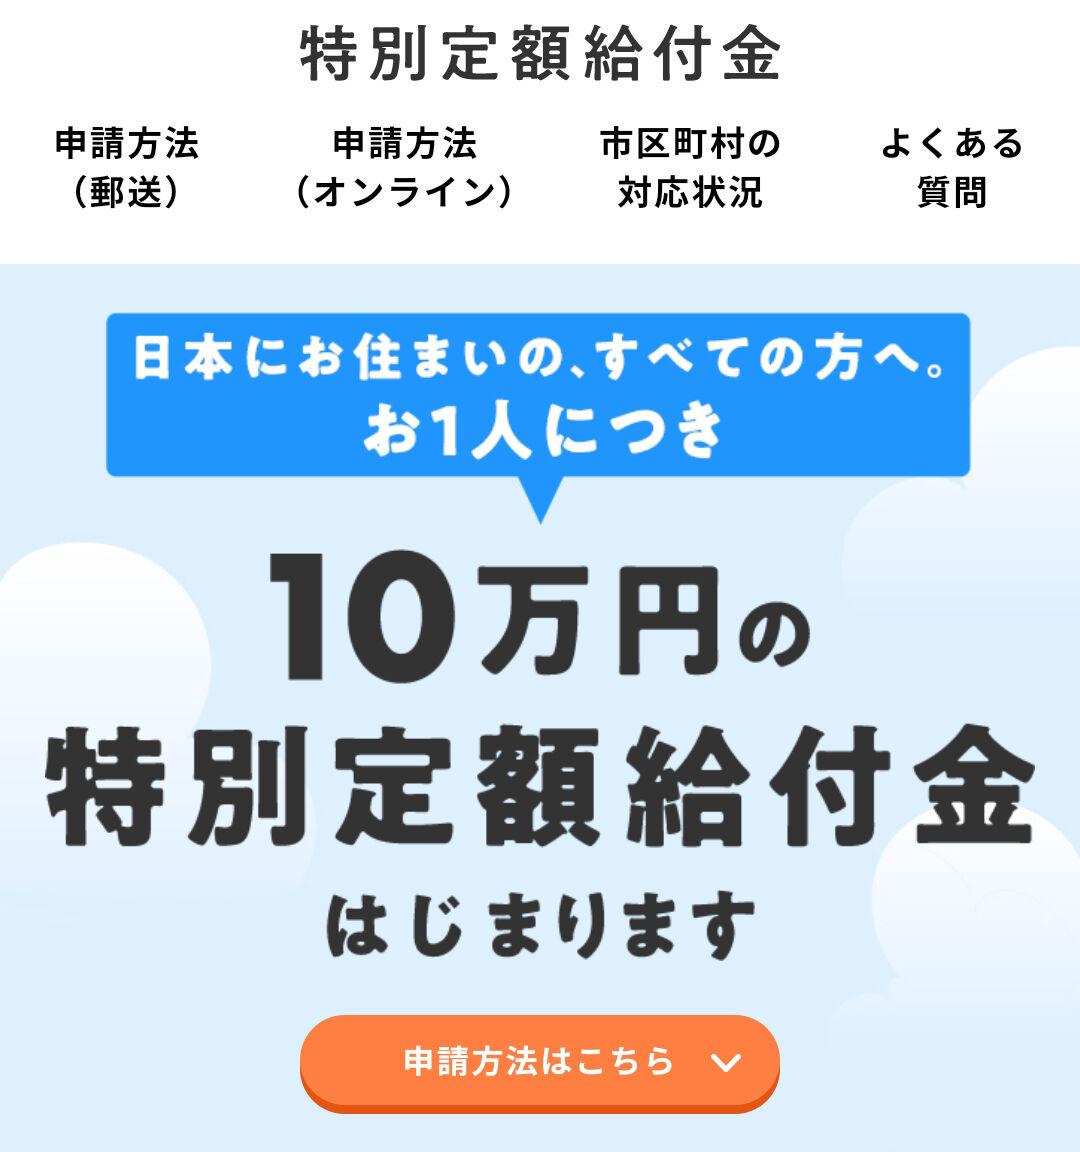 円 万 10 大阪 東 給付 市